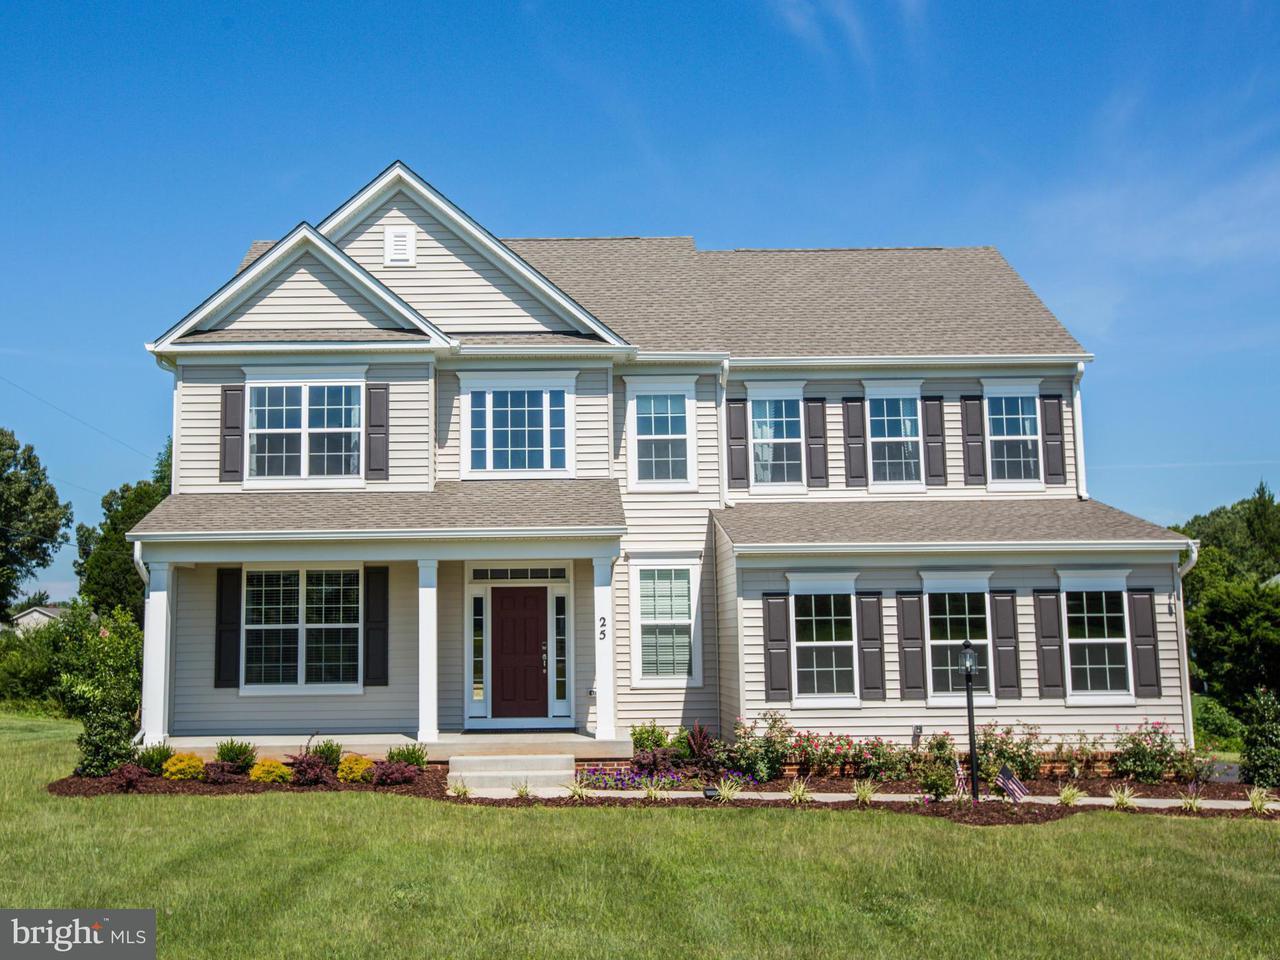 Частный односемейный дом для того Продажа на Cranes Corner Road Cranes Corner Road Fredericksburg, Виргиния 22405 Соединенные Штаты